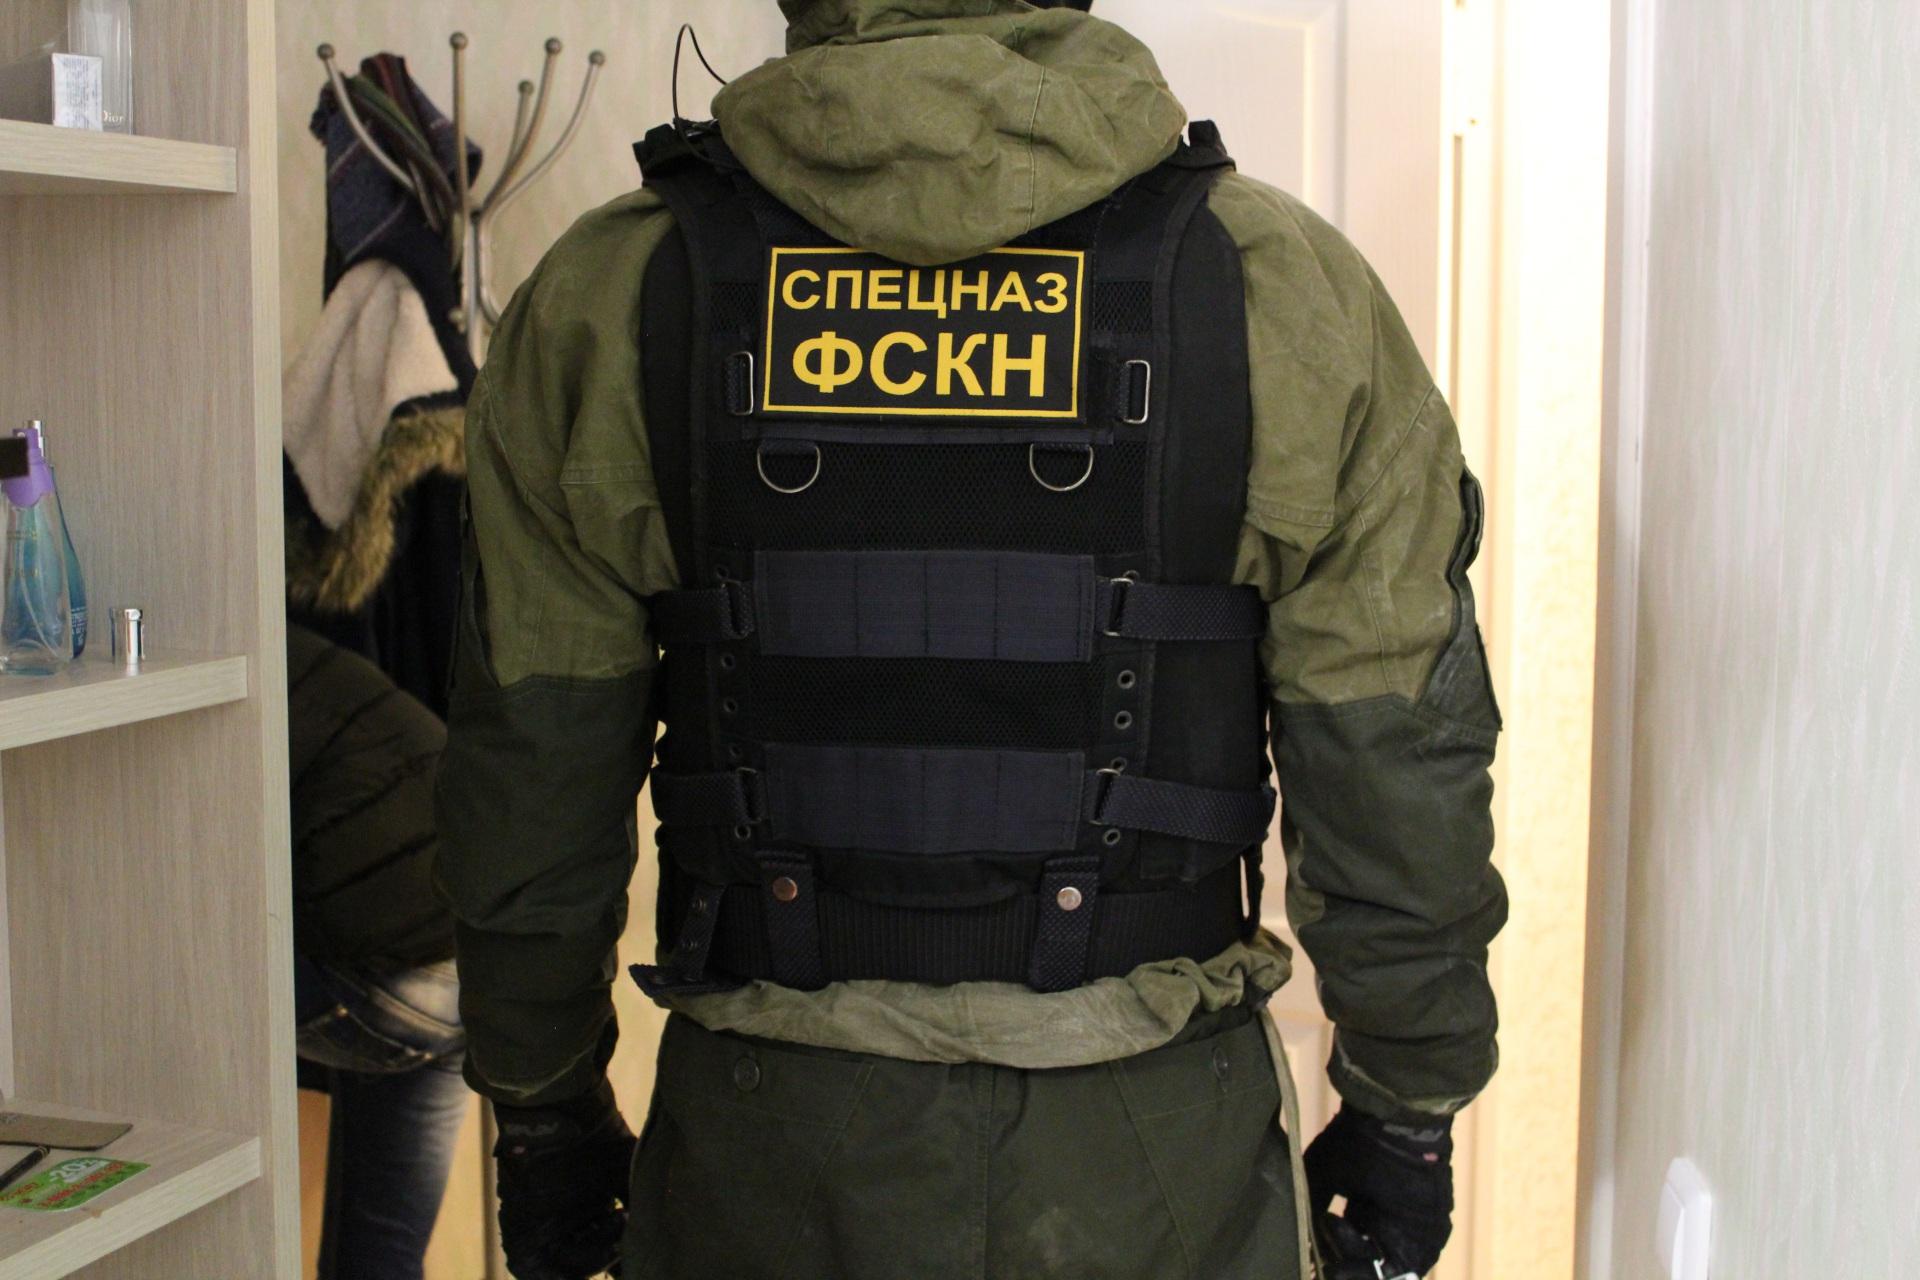 В Сыктывкаре сотрудники наркоконтроля задержали участника межрегиональной преступной группы